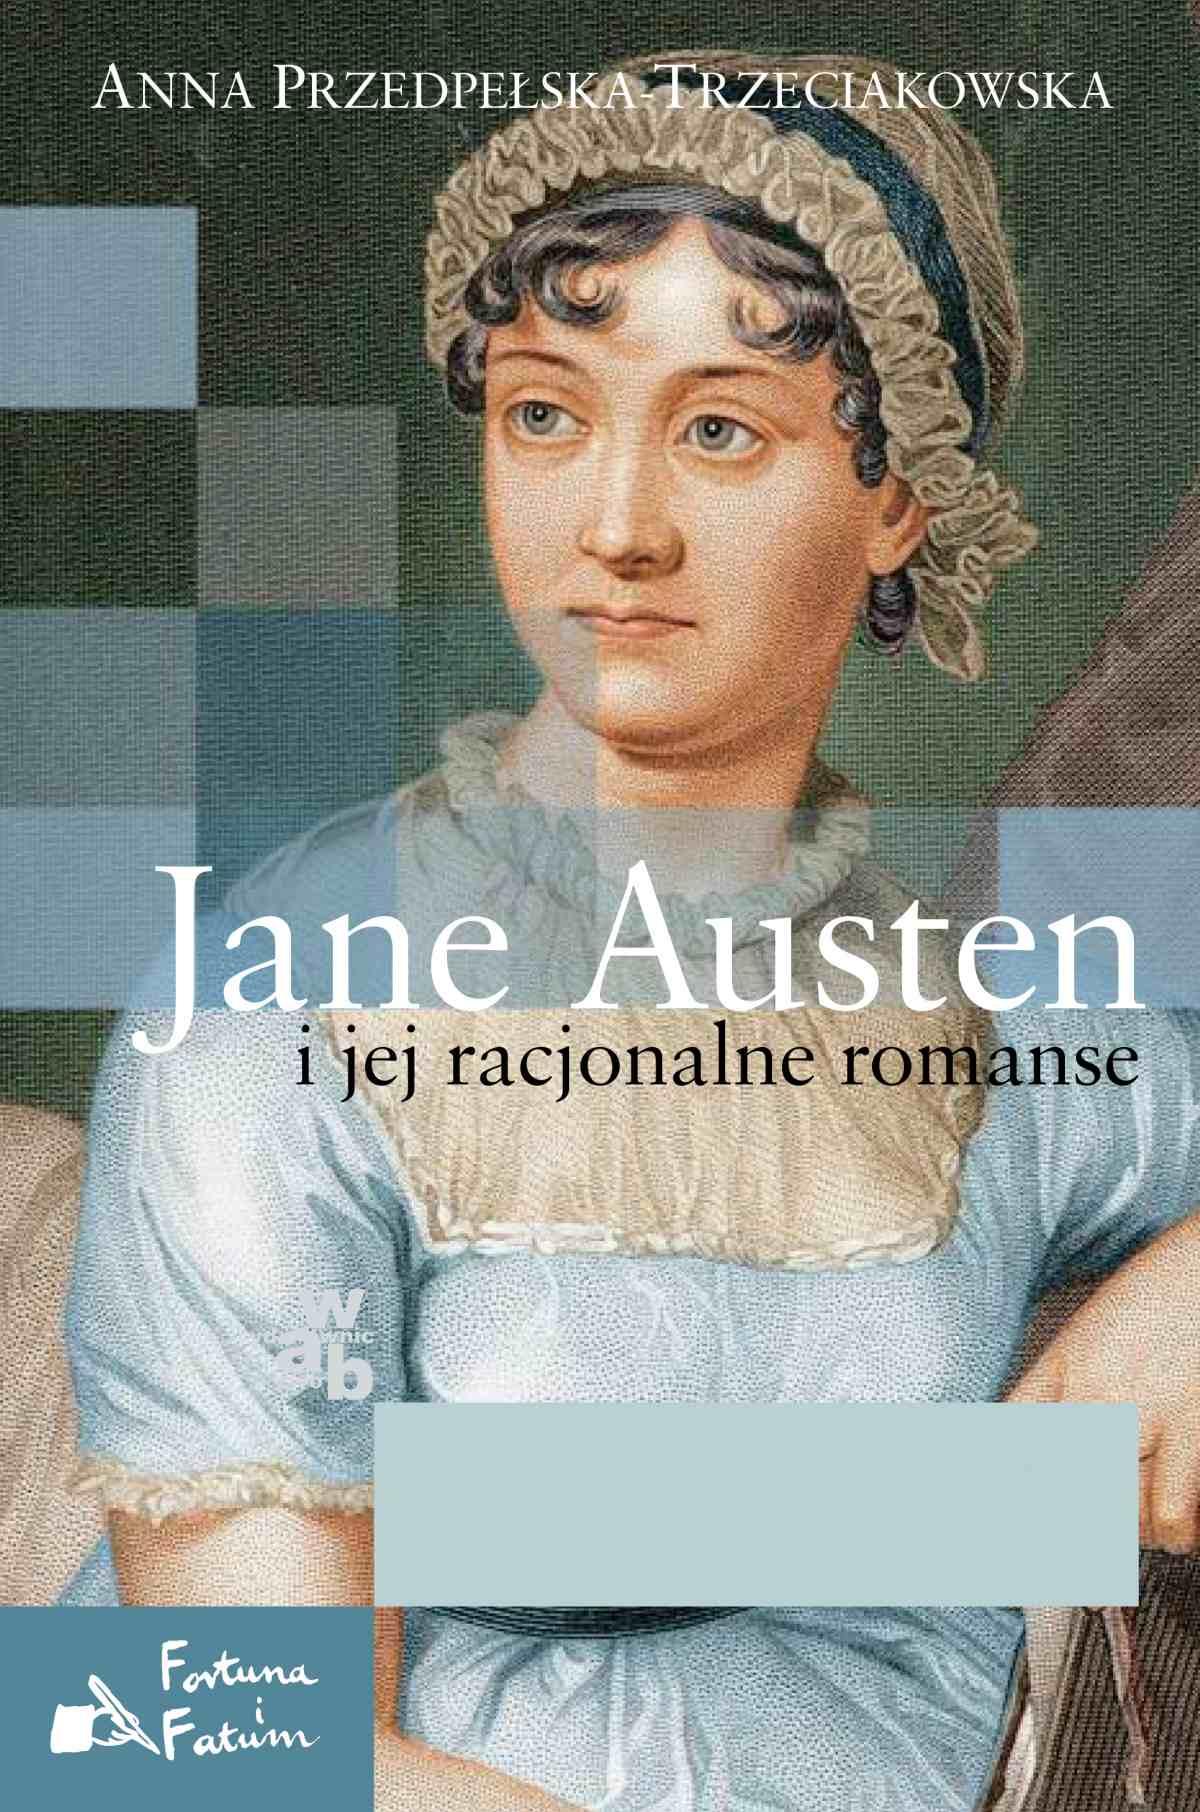 Jane Austen i jej racjonalne romanse - Ebook (Książka EPUB) do pobrania w formacie EPUB